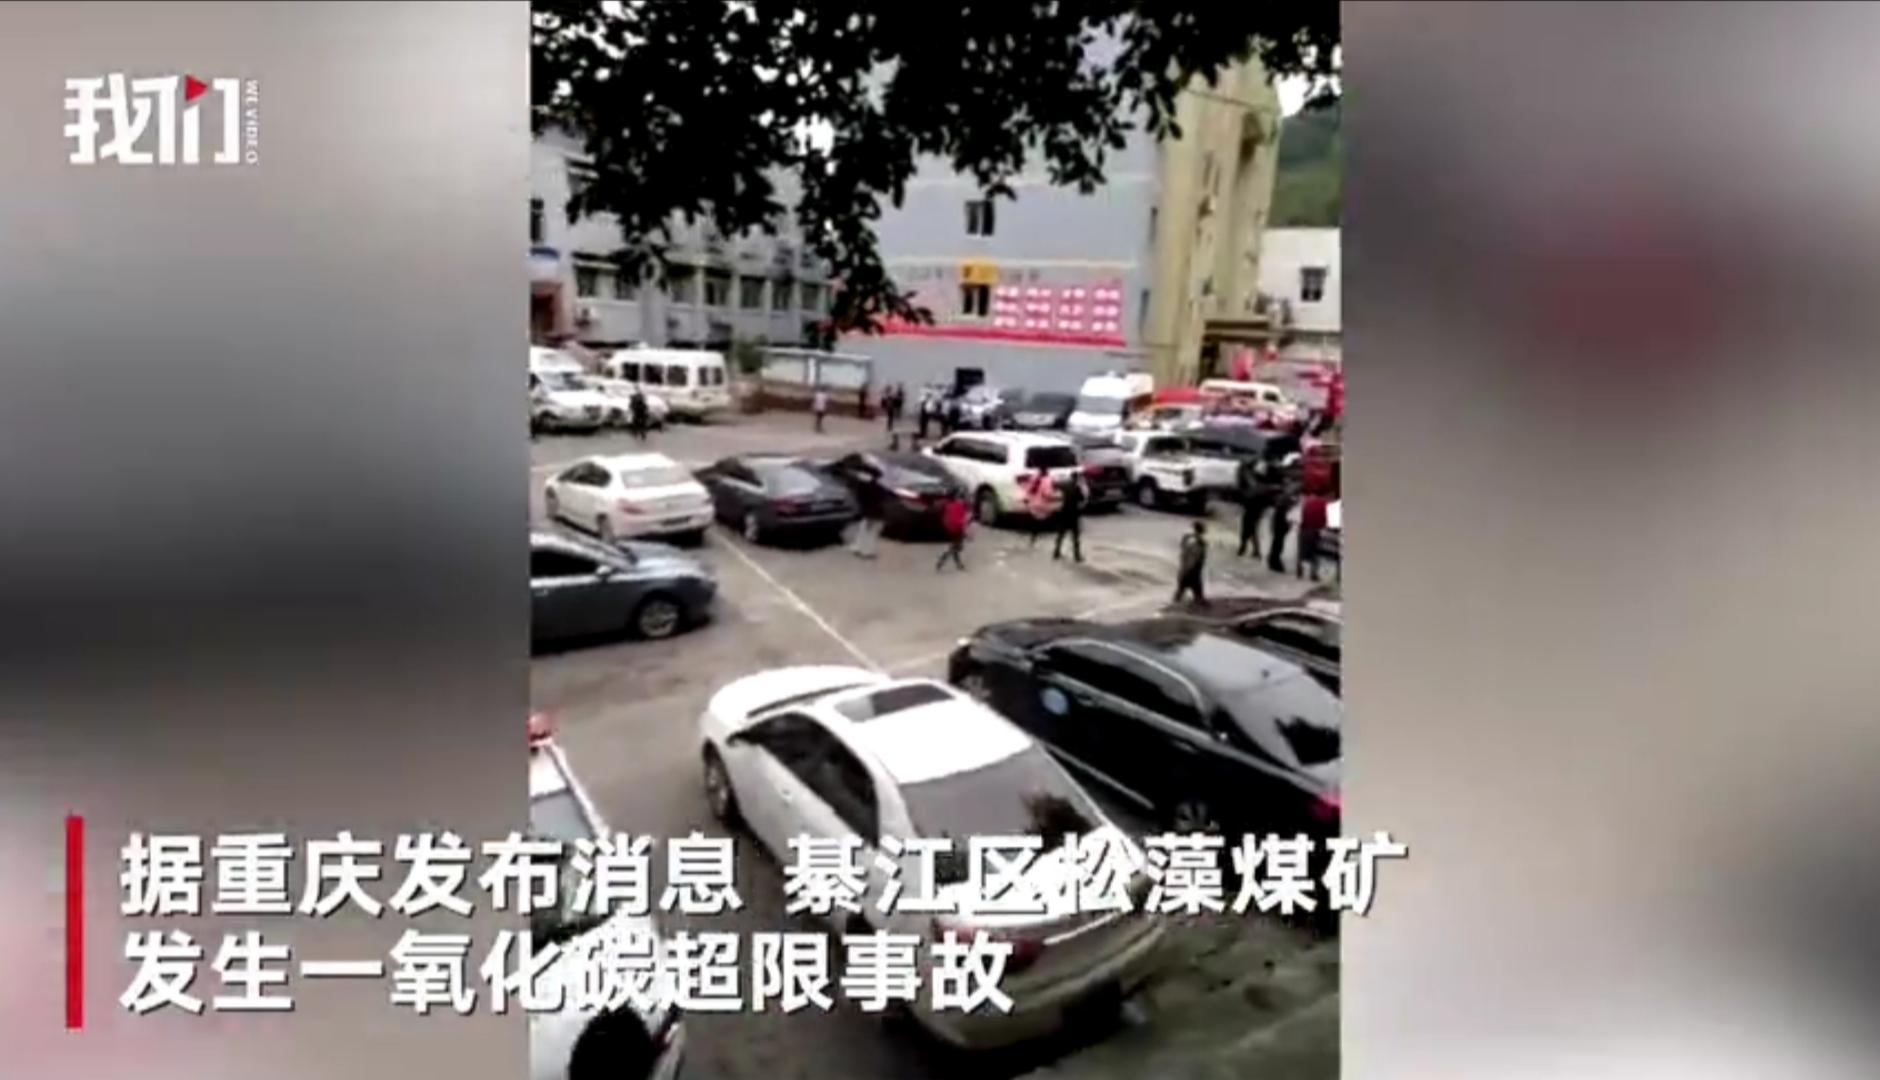 重庆一煤矿一氧化碳超限事故17人被困 已救出15人图片